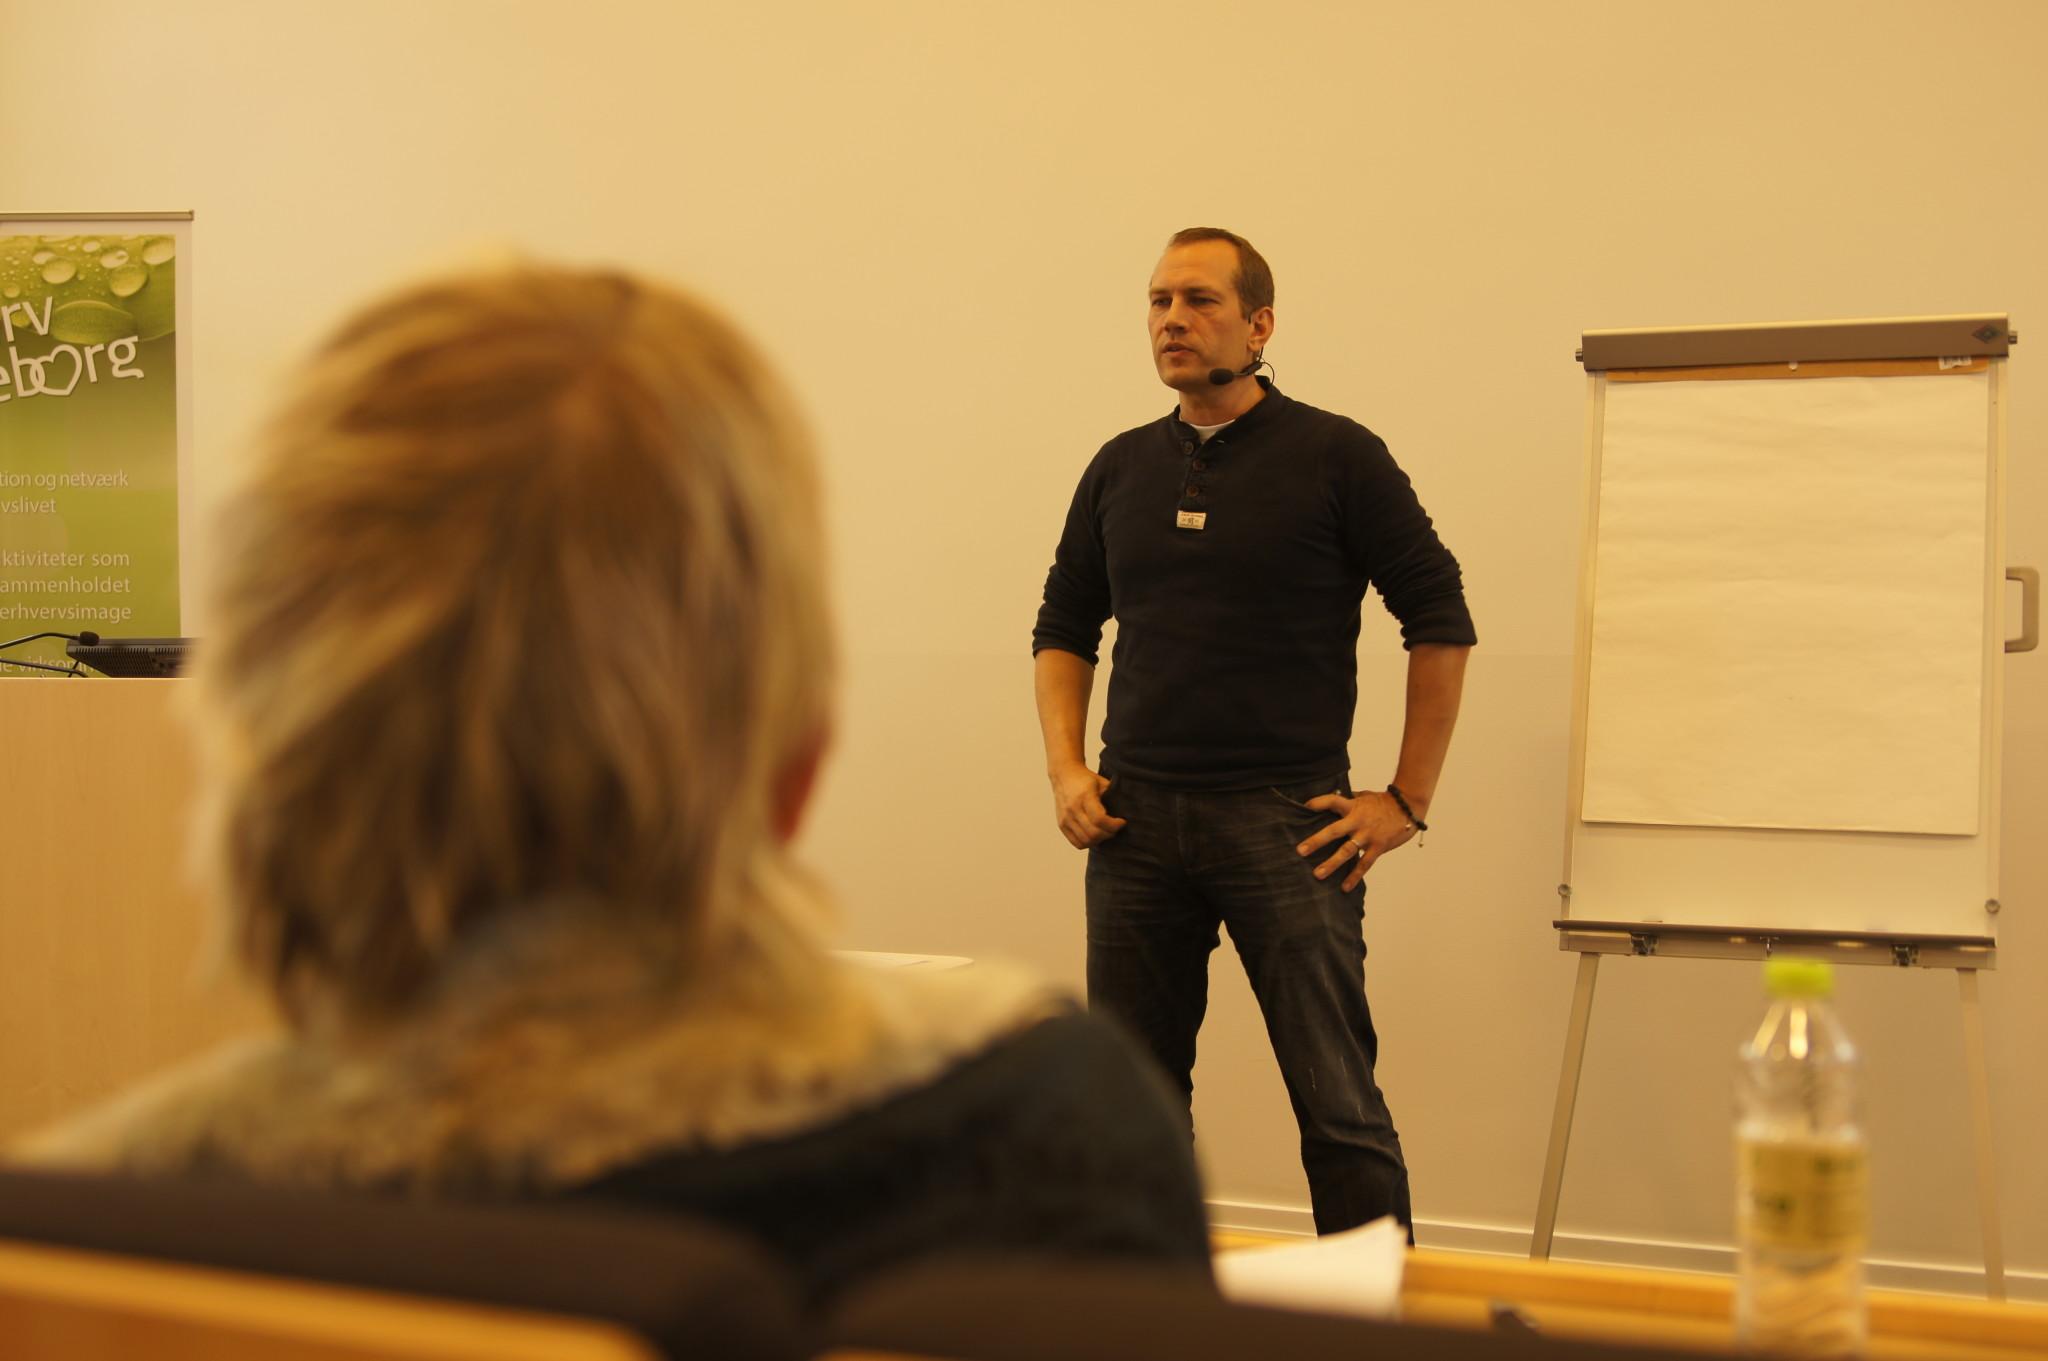 Til foredrag med Martin Thorborg: Dansk iværksætteri i udlandet